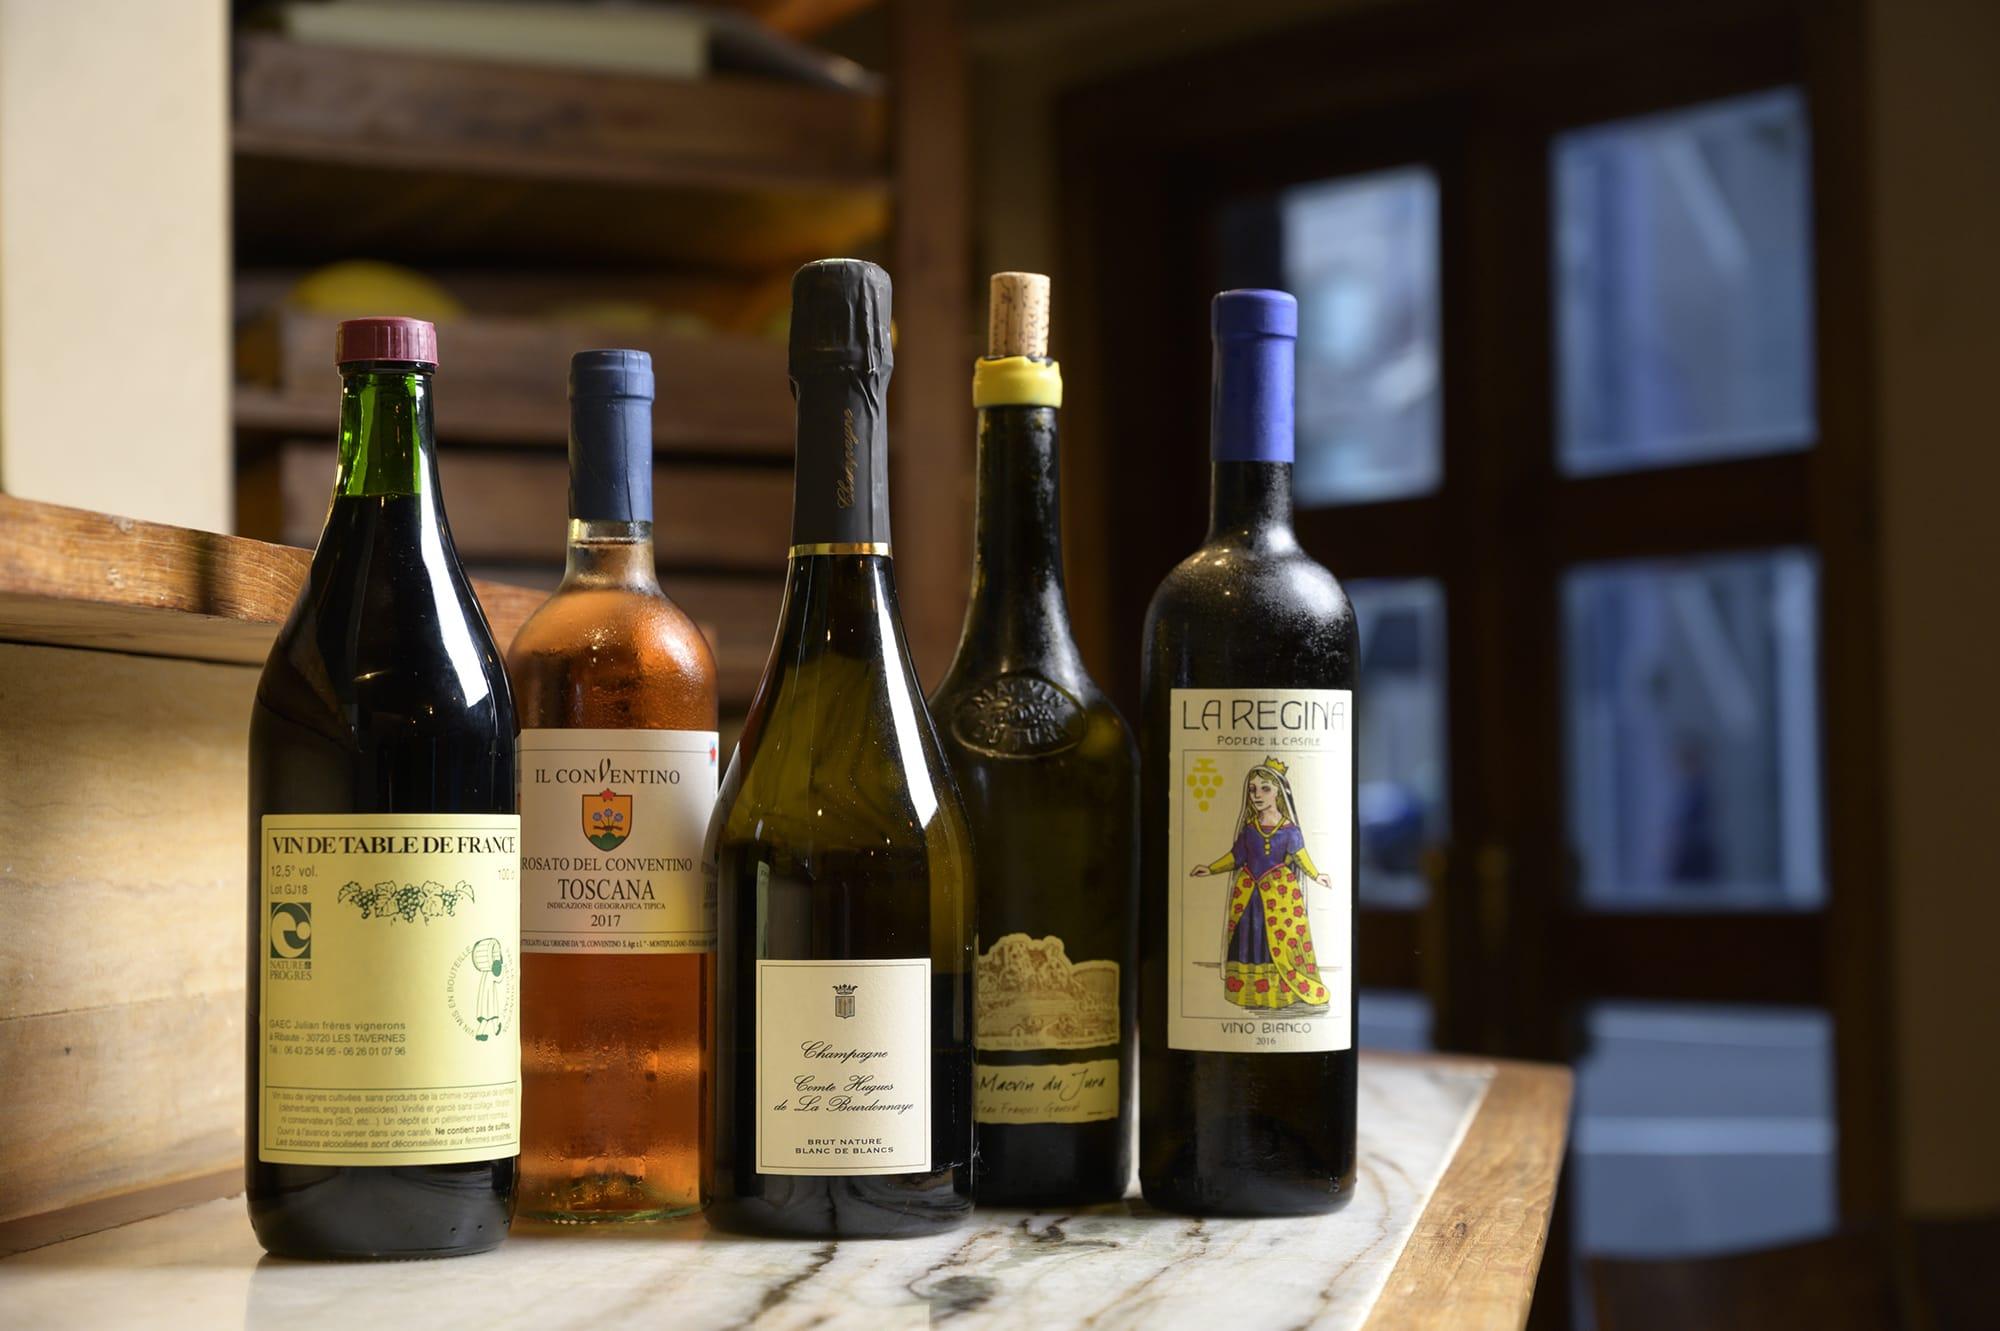 ソムリエでもある夫人の村上みひろのセレクションは、トスカーナやシャンパーニュなど、多彩な産地のビオワイン。